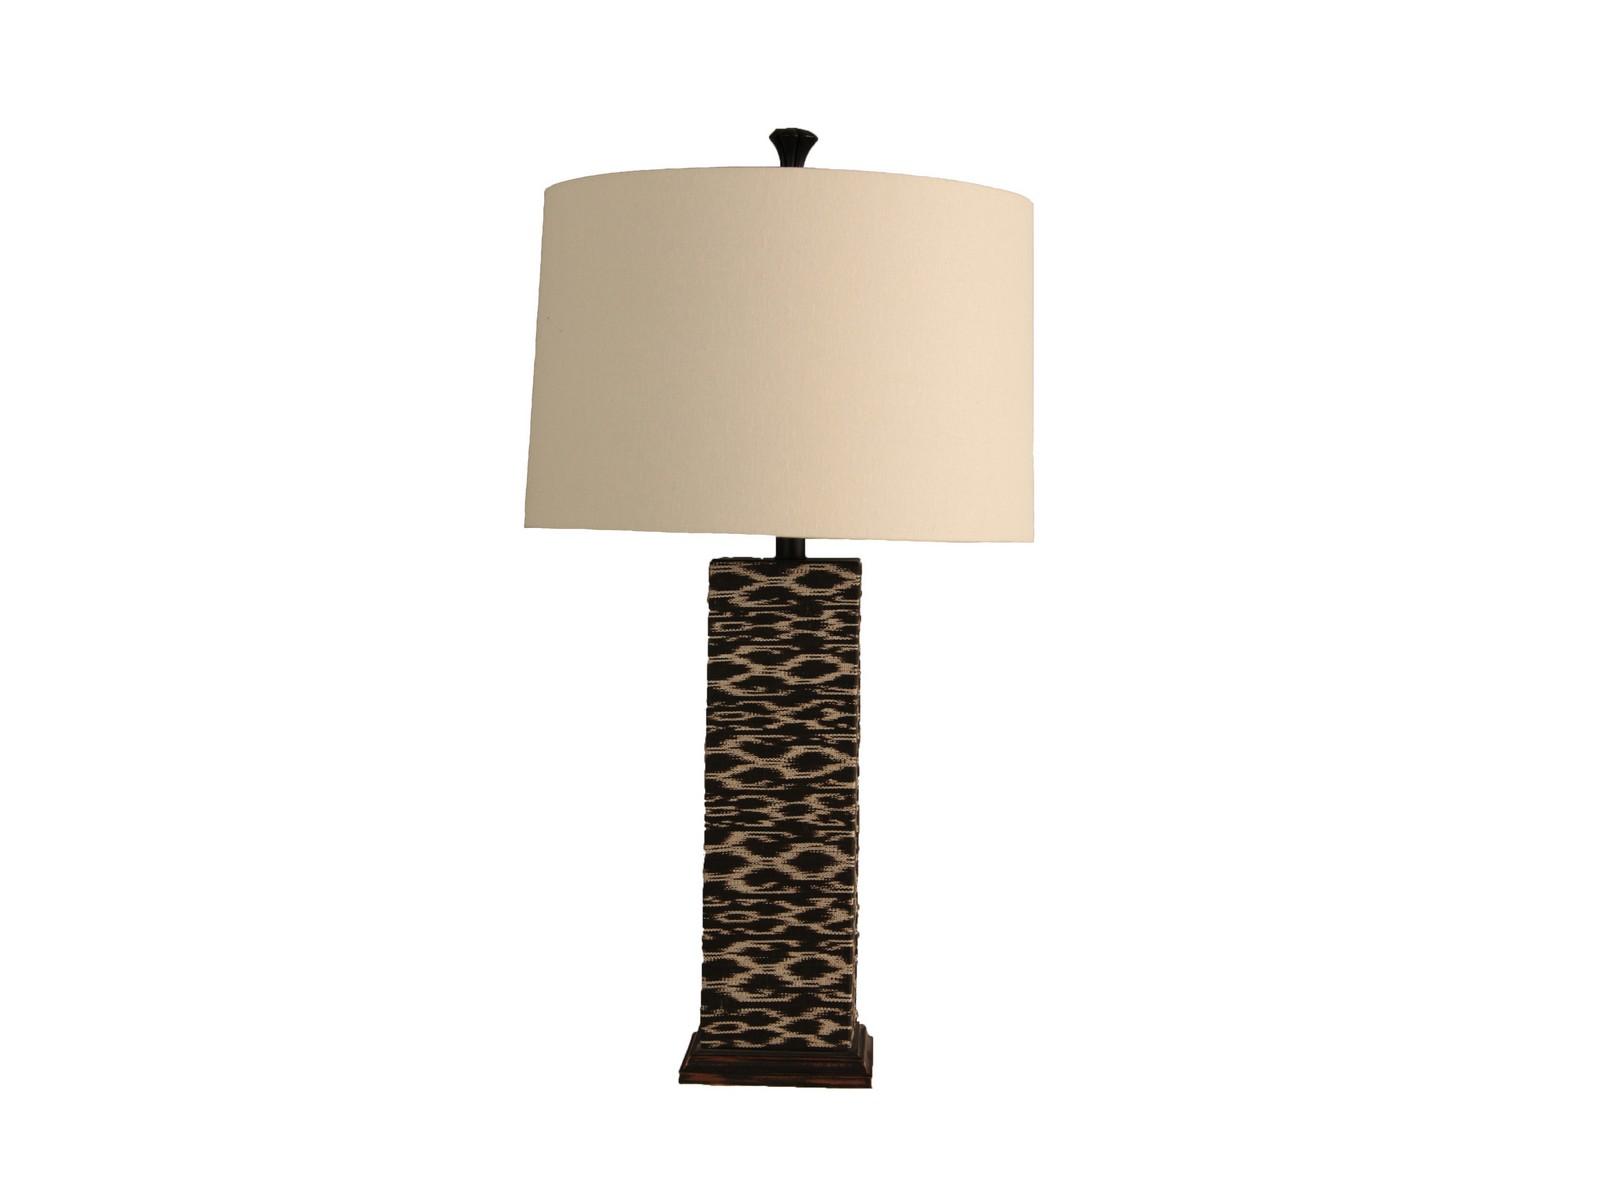 Настольная лампа Ikat SquareДекоративные лампы<br>&amp;lt;div&amp;gt;Вид цоколя: Е27&amp;lt;/div&amp;gt;&amp;lt;div&amp;gt;Мощность лампы: 60W&amp;lt;/div&amp;gt;&amp;lt;div&amp;gt;Количество ламп: 1&amp;lt;/div&amp;gt;&amp;lt;div&amp;gt;Наличие ламп: нет&amp;lt;/div&amp;gt;<br><br>Material: Лен<br>Height см: 80<br>Diameter см: 43